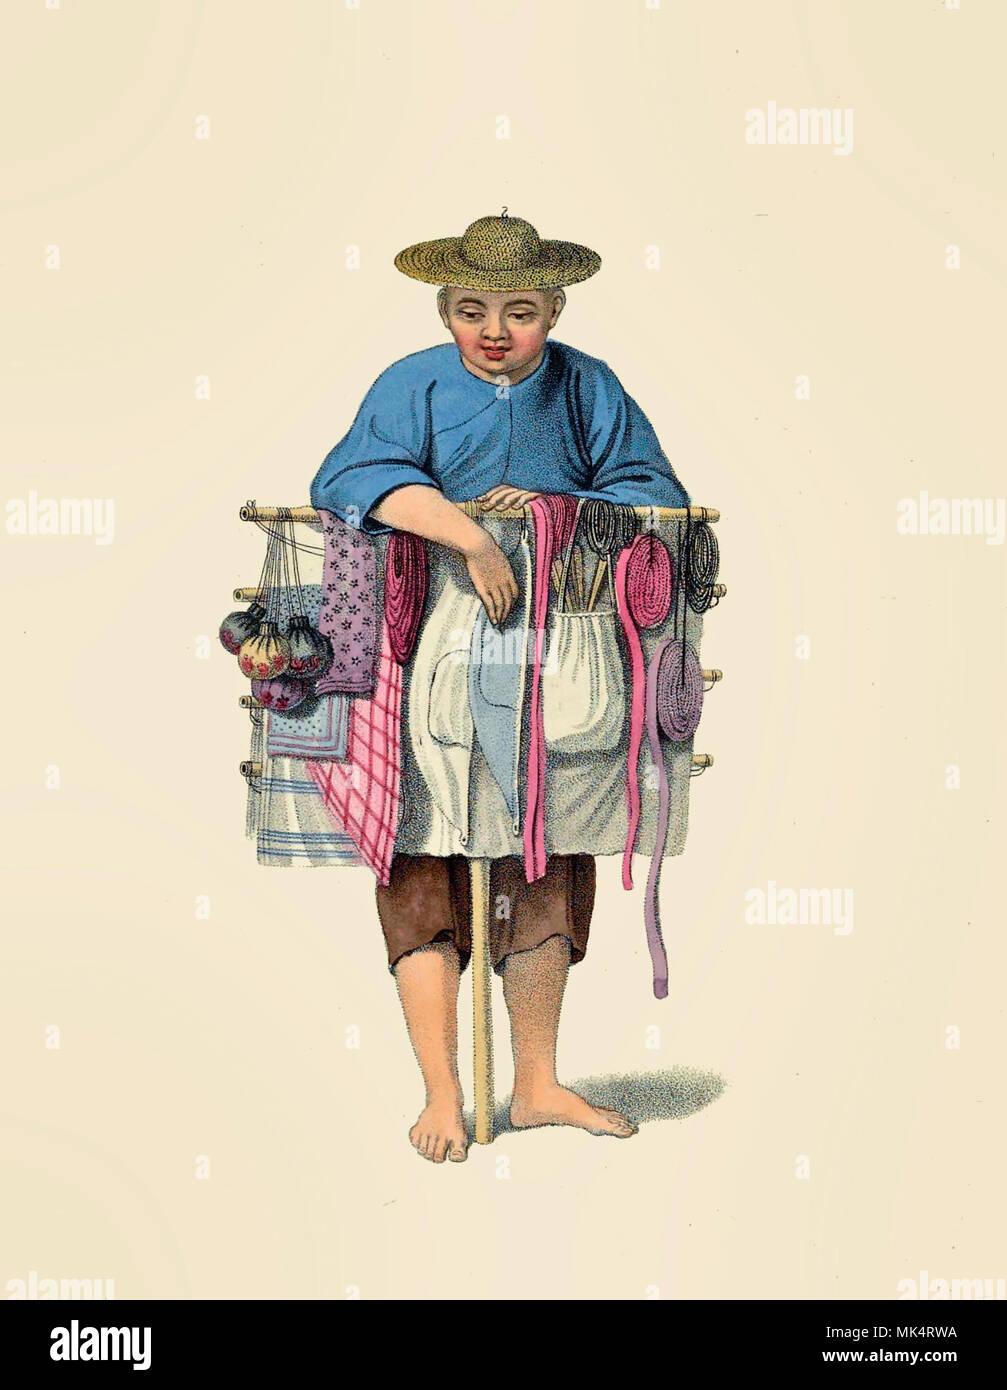 Un venditore_ambulante in Cina, 1800 Immagini Stock